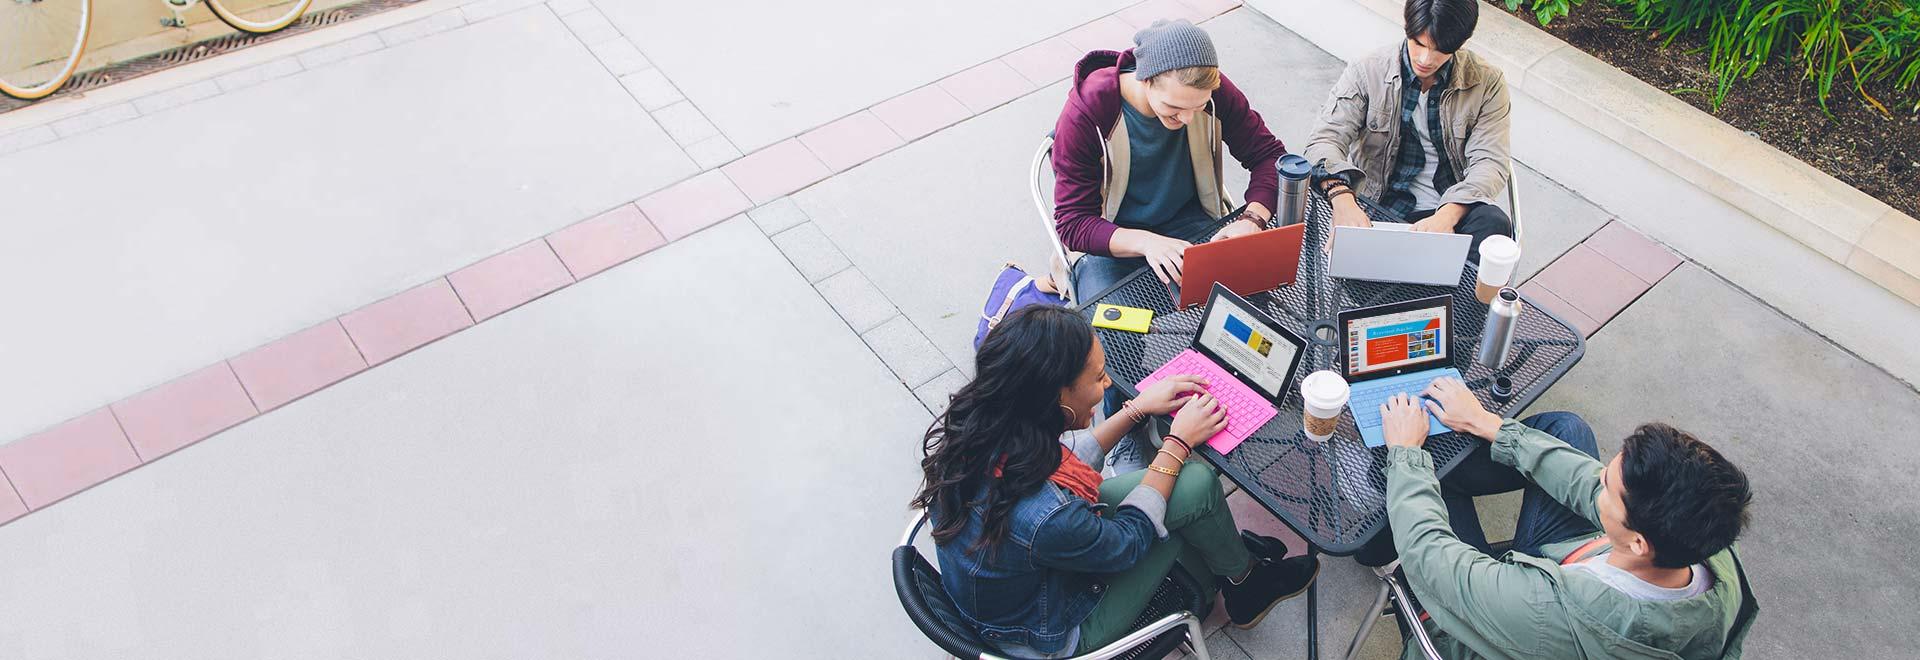 Quatro estudantes sentados à mesa na rua, a utilizar o Office 365 Educação em tablets.